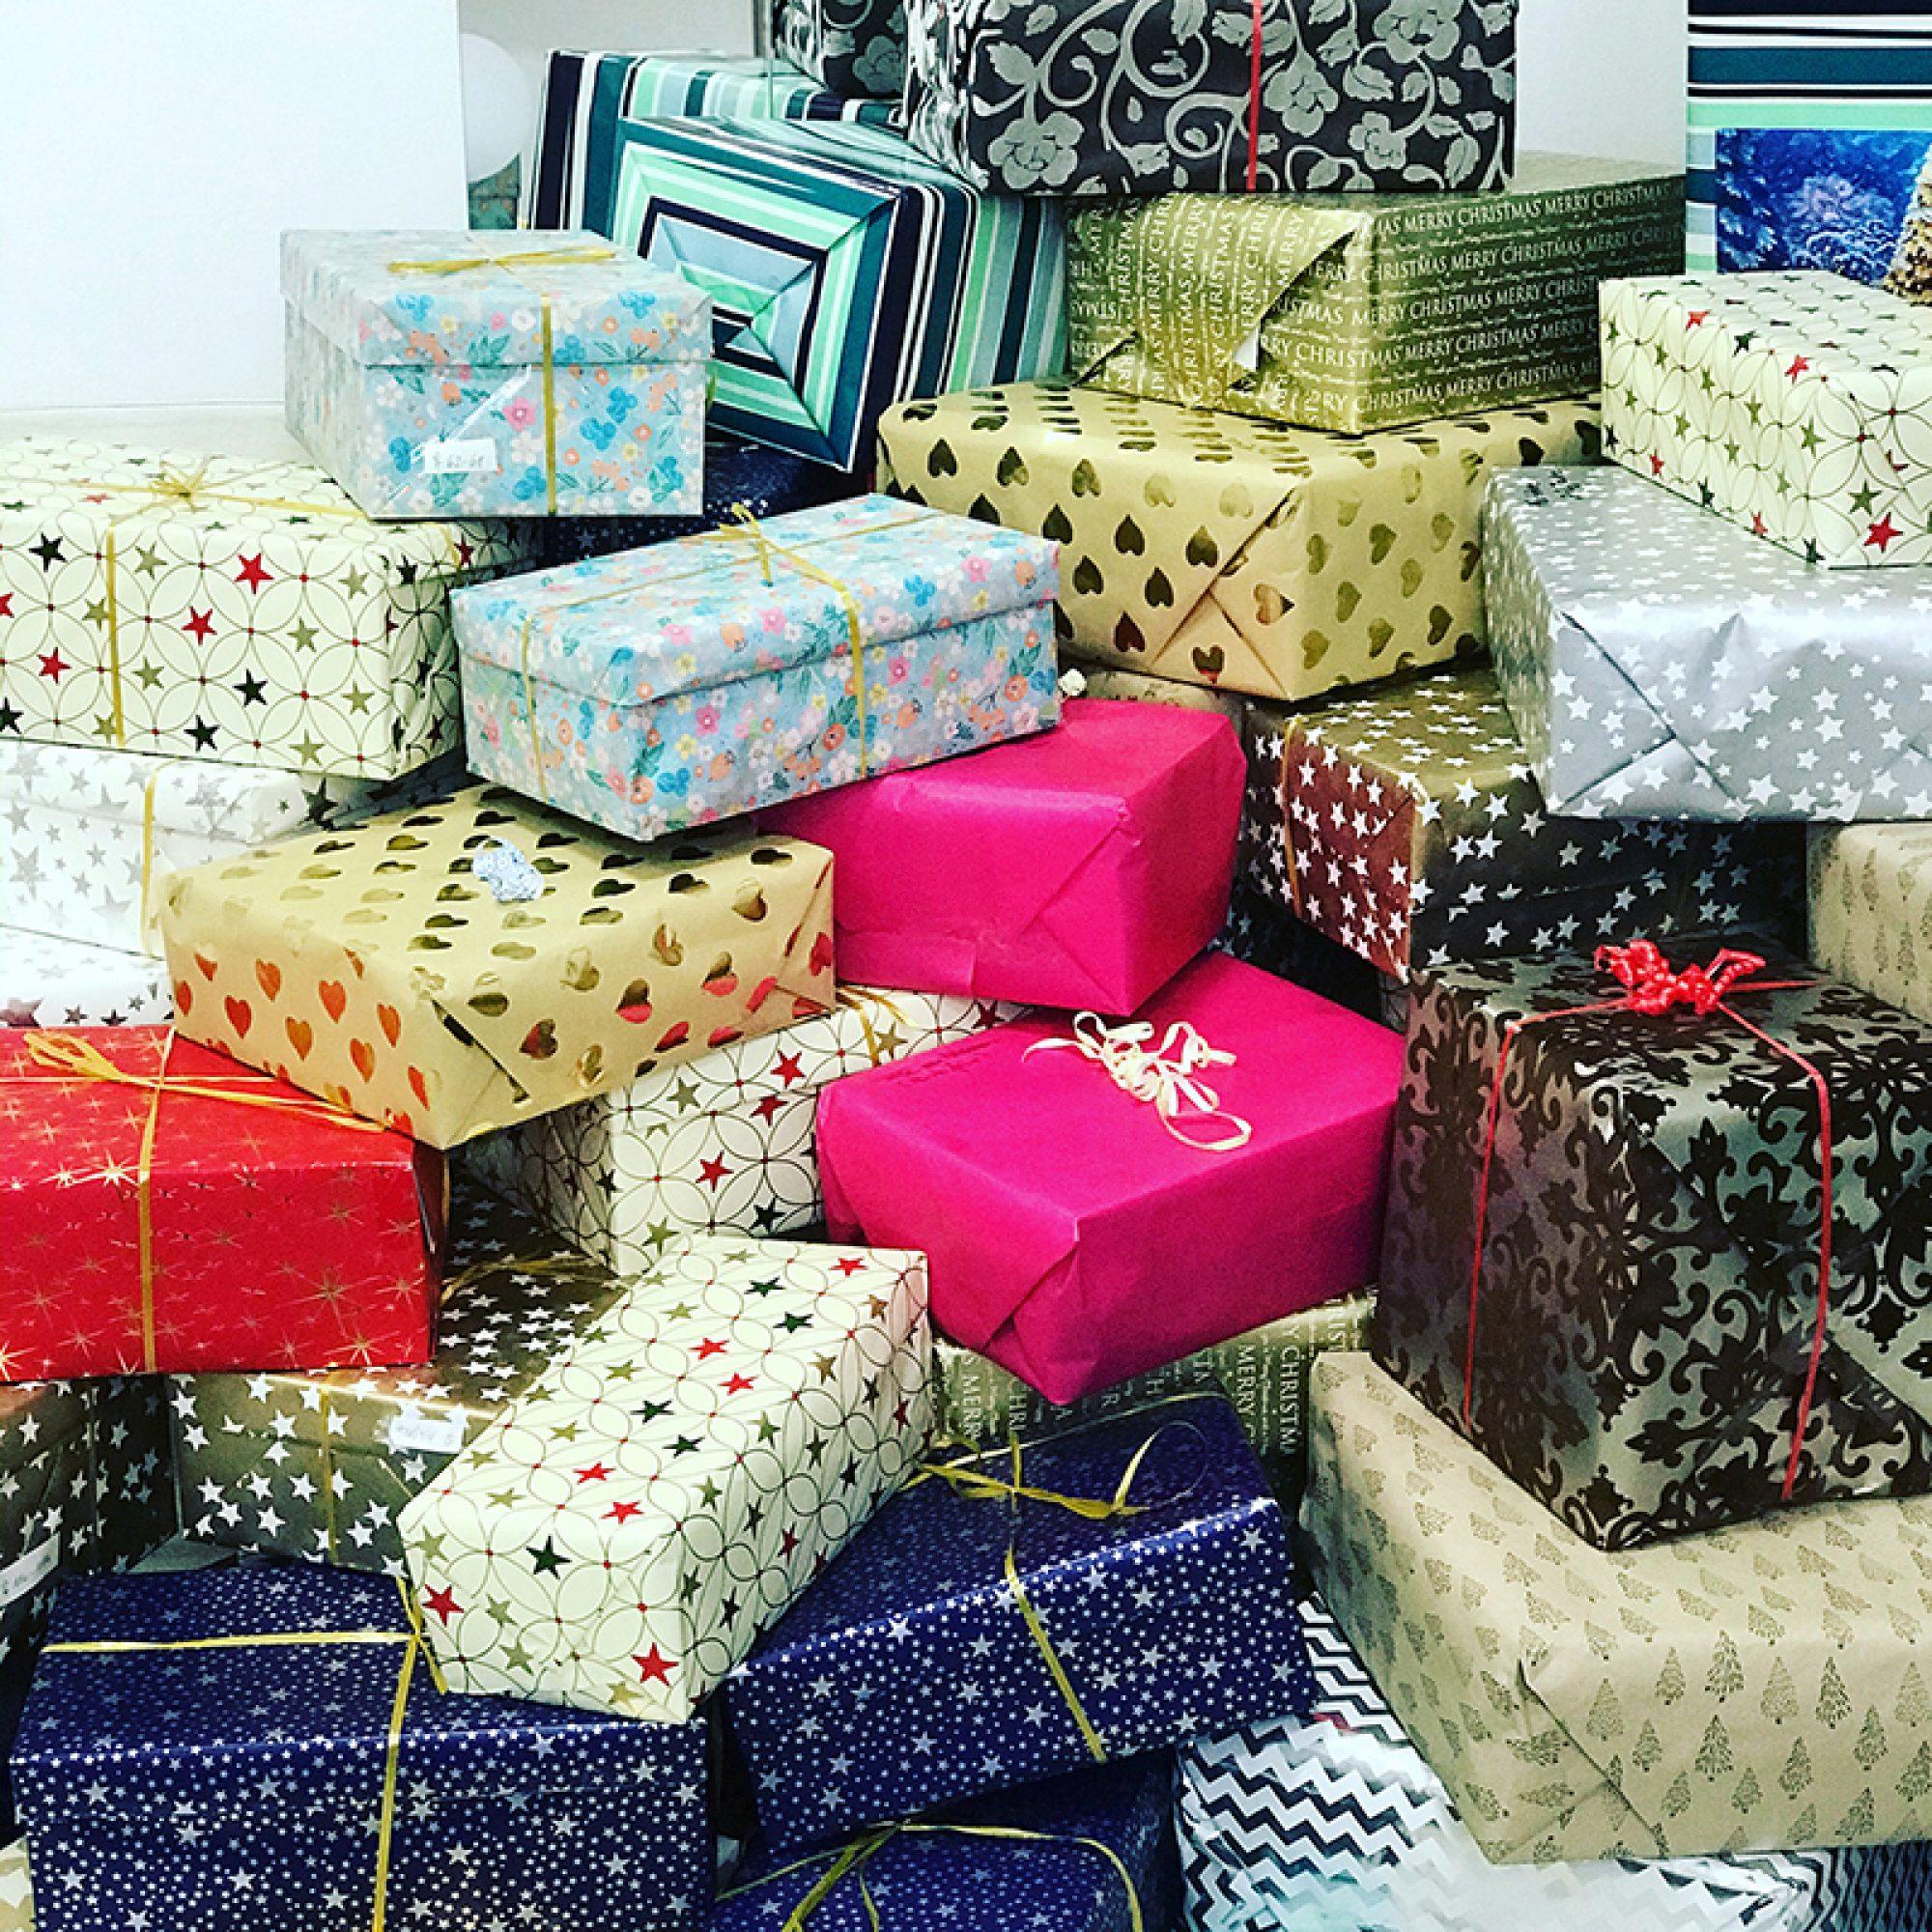 Ein Berg bunt verpackter Geschenke